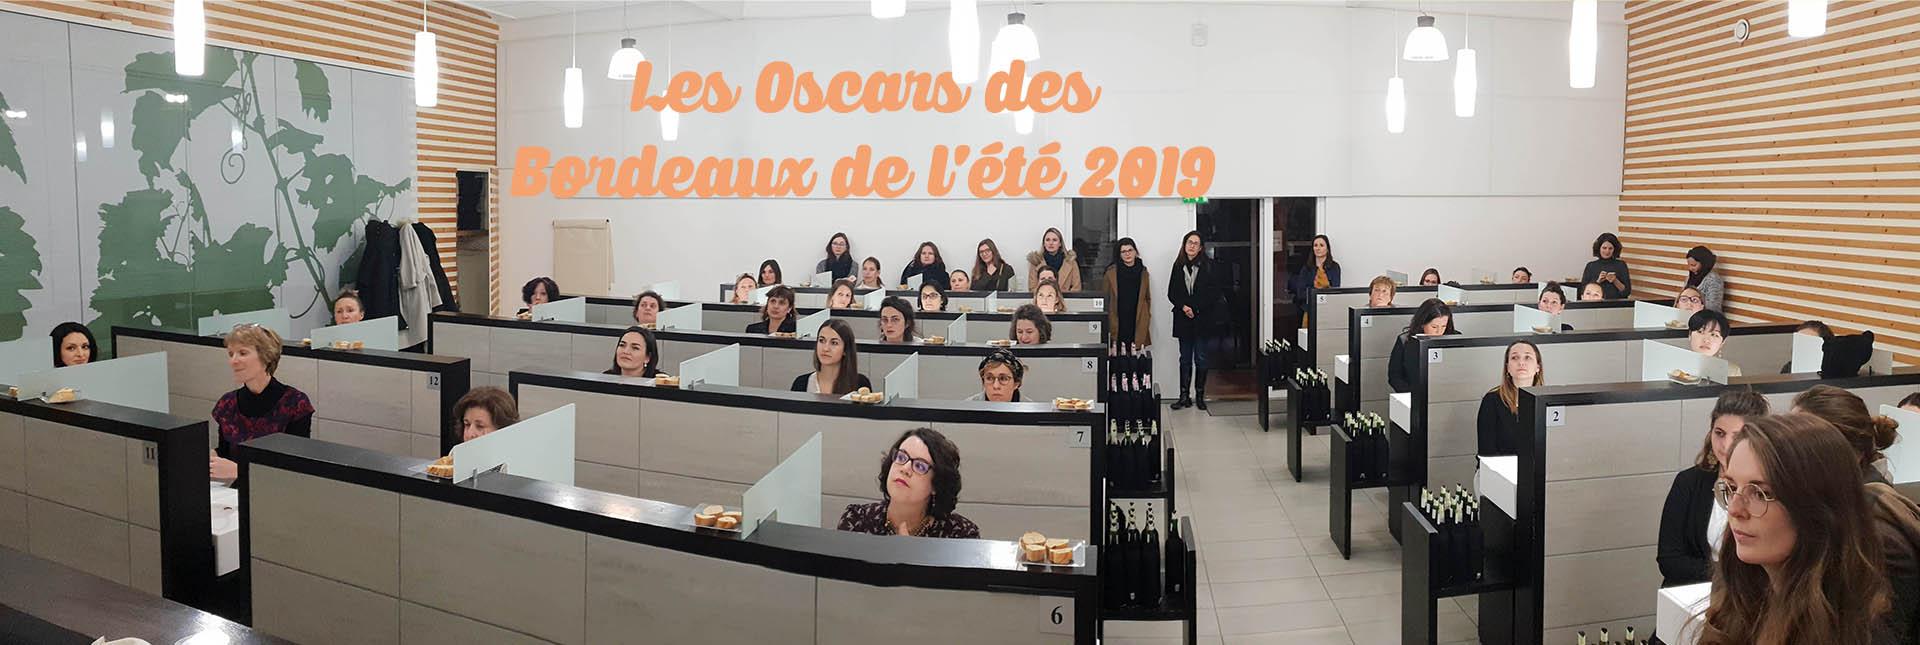 Présélection des Oscars des Bordeaux de l'Ete